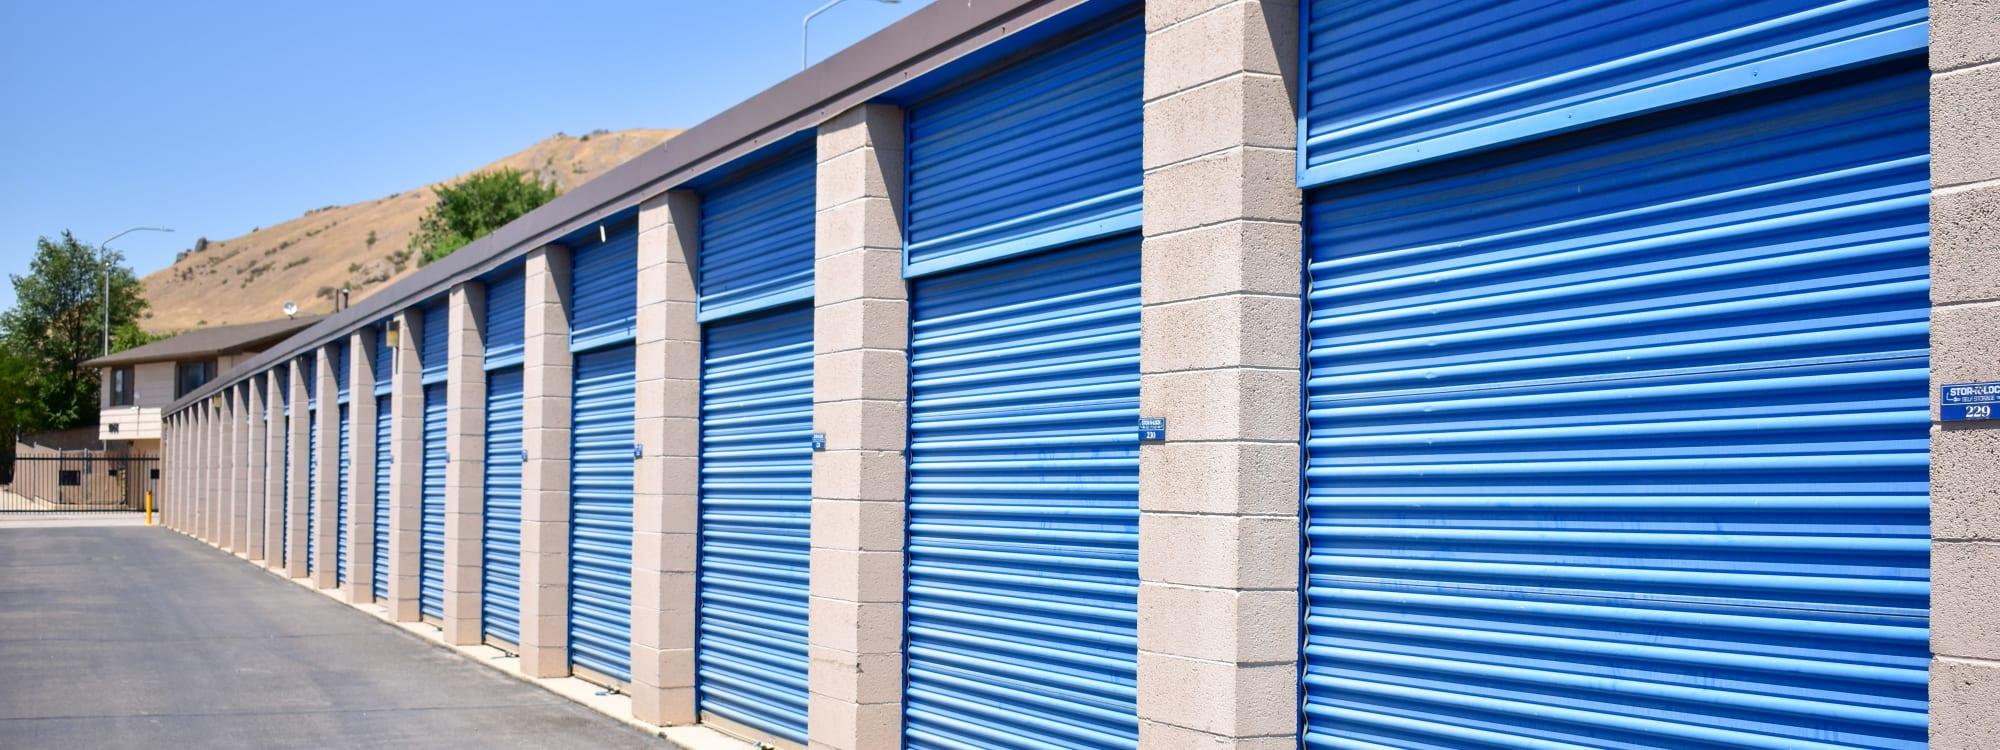 Self storage options at STOR-N-LOCK Self Storage in Salt Lake City, Utah